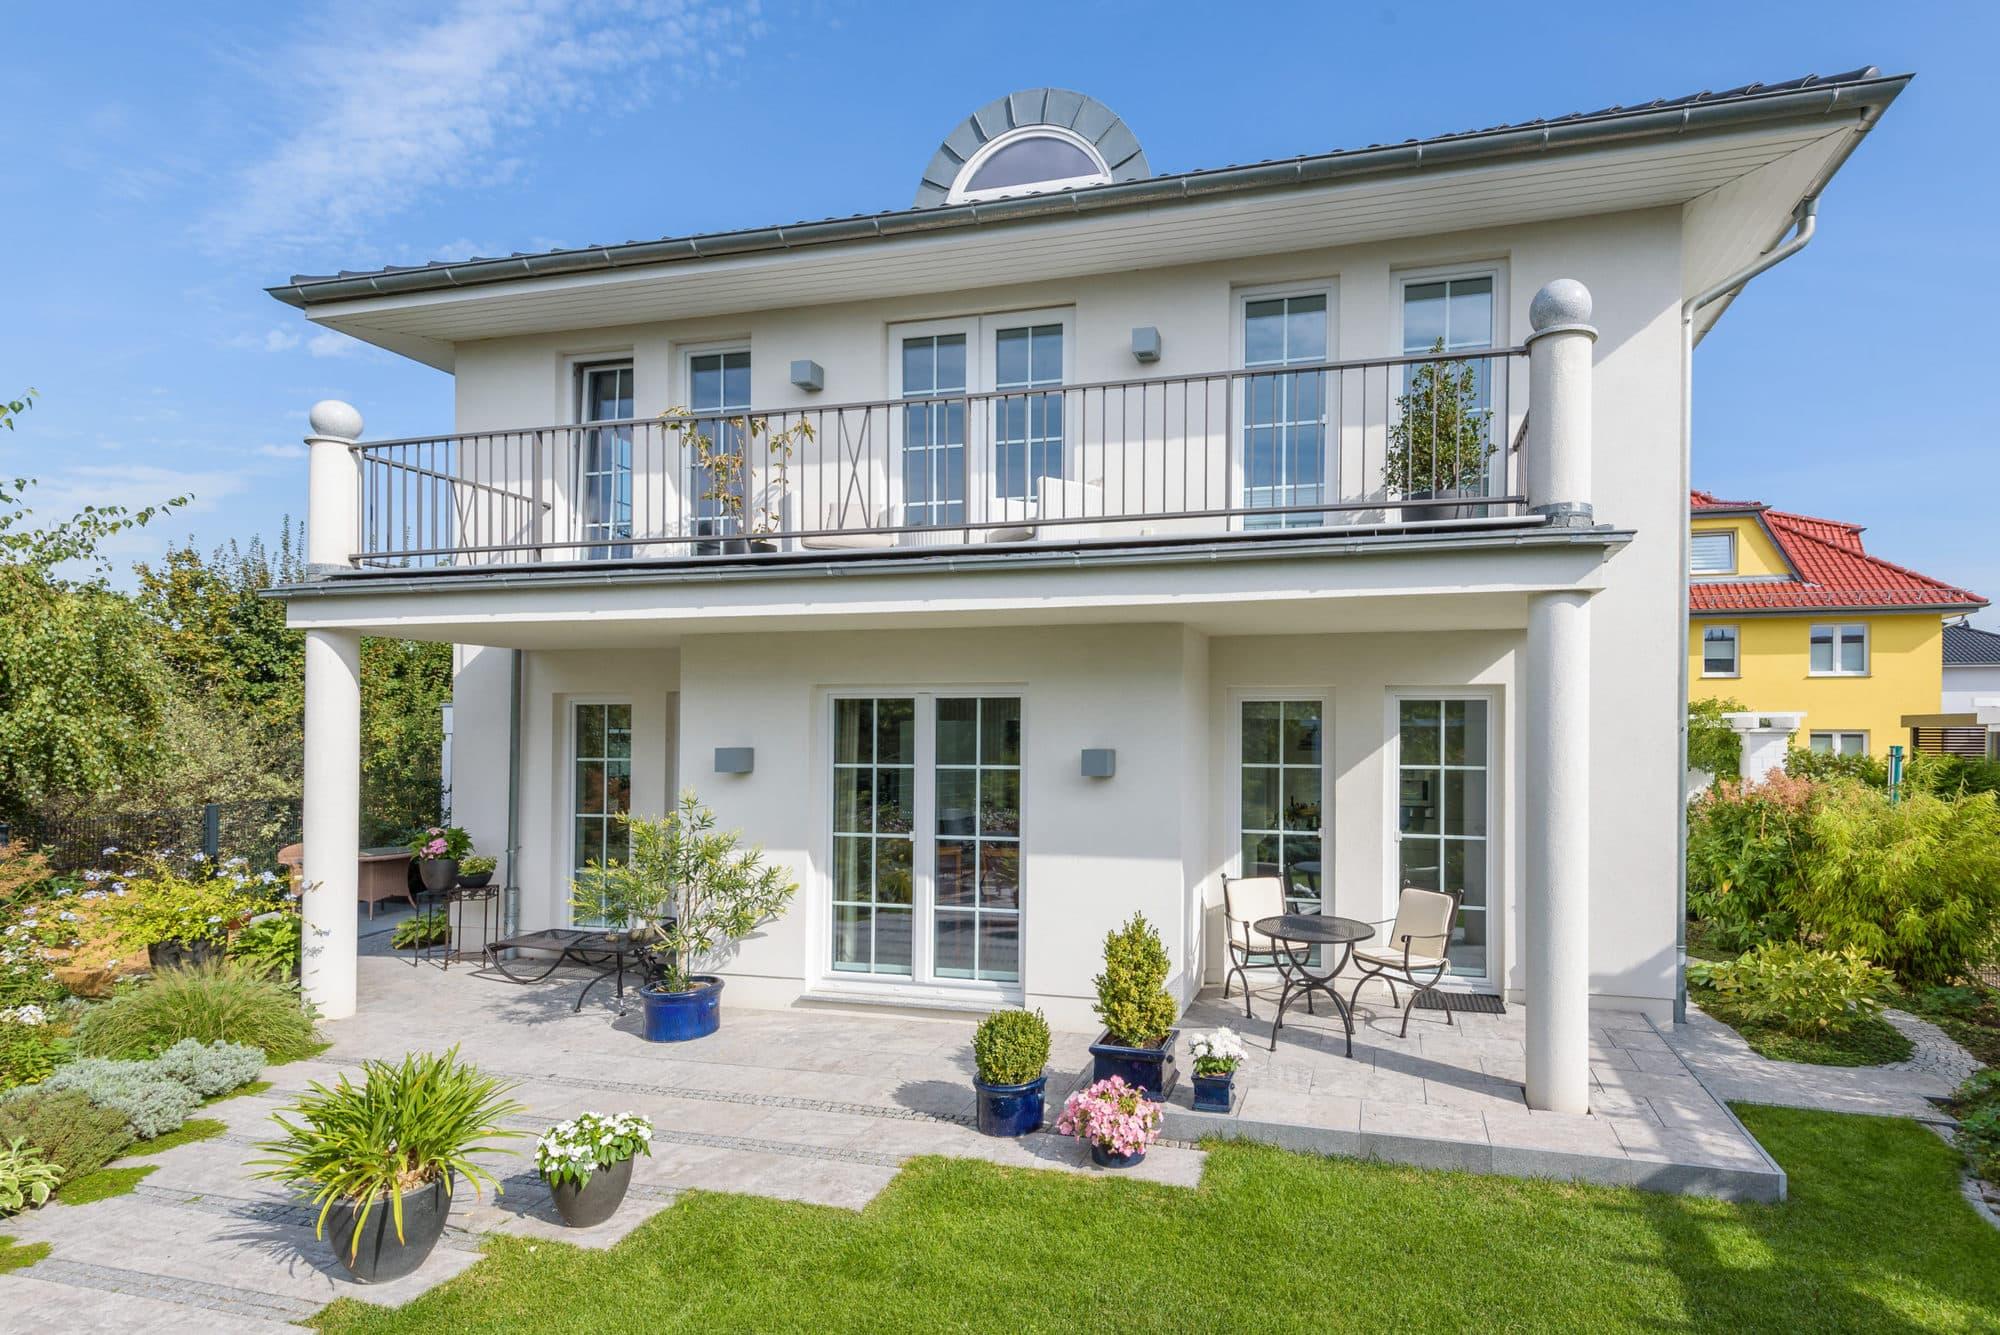 stadtvilla-grosser-balkon-1